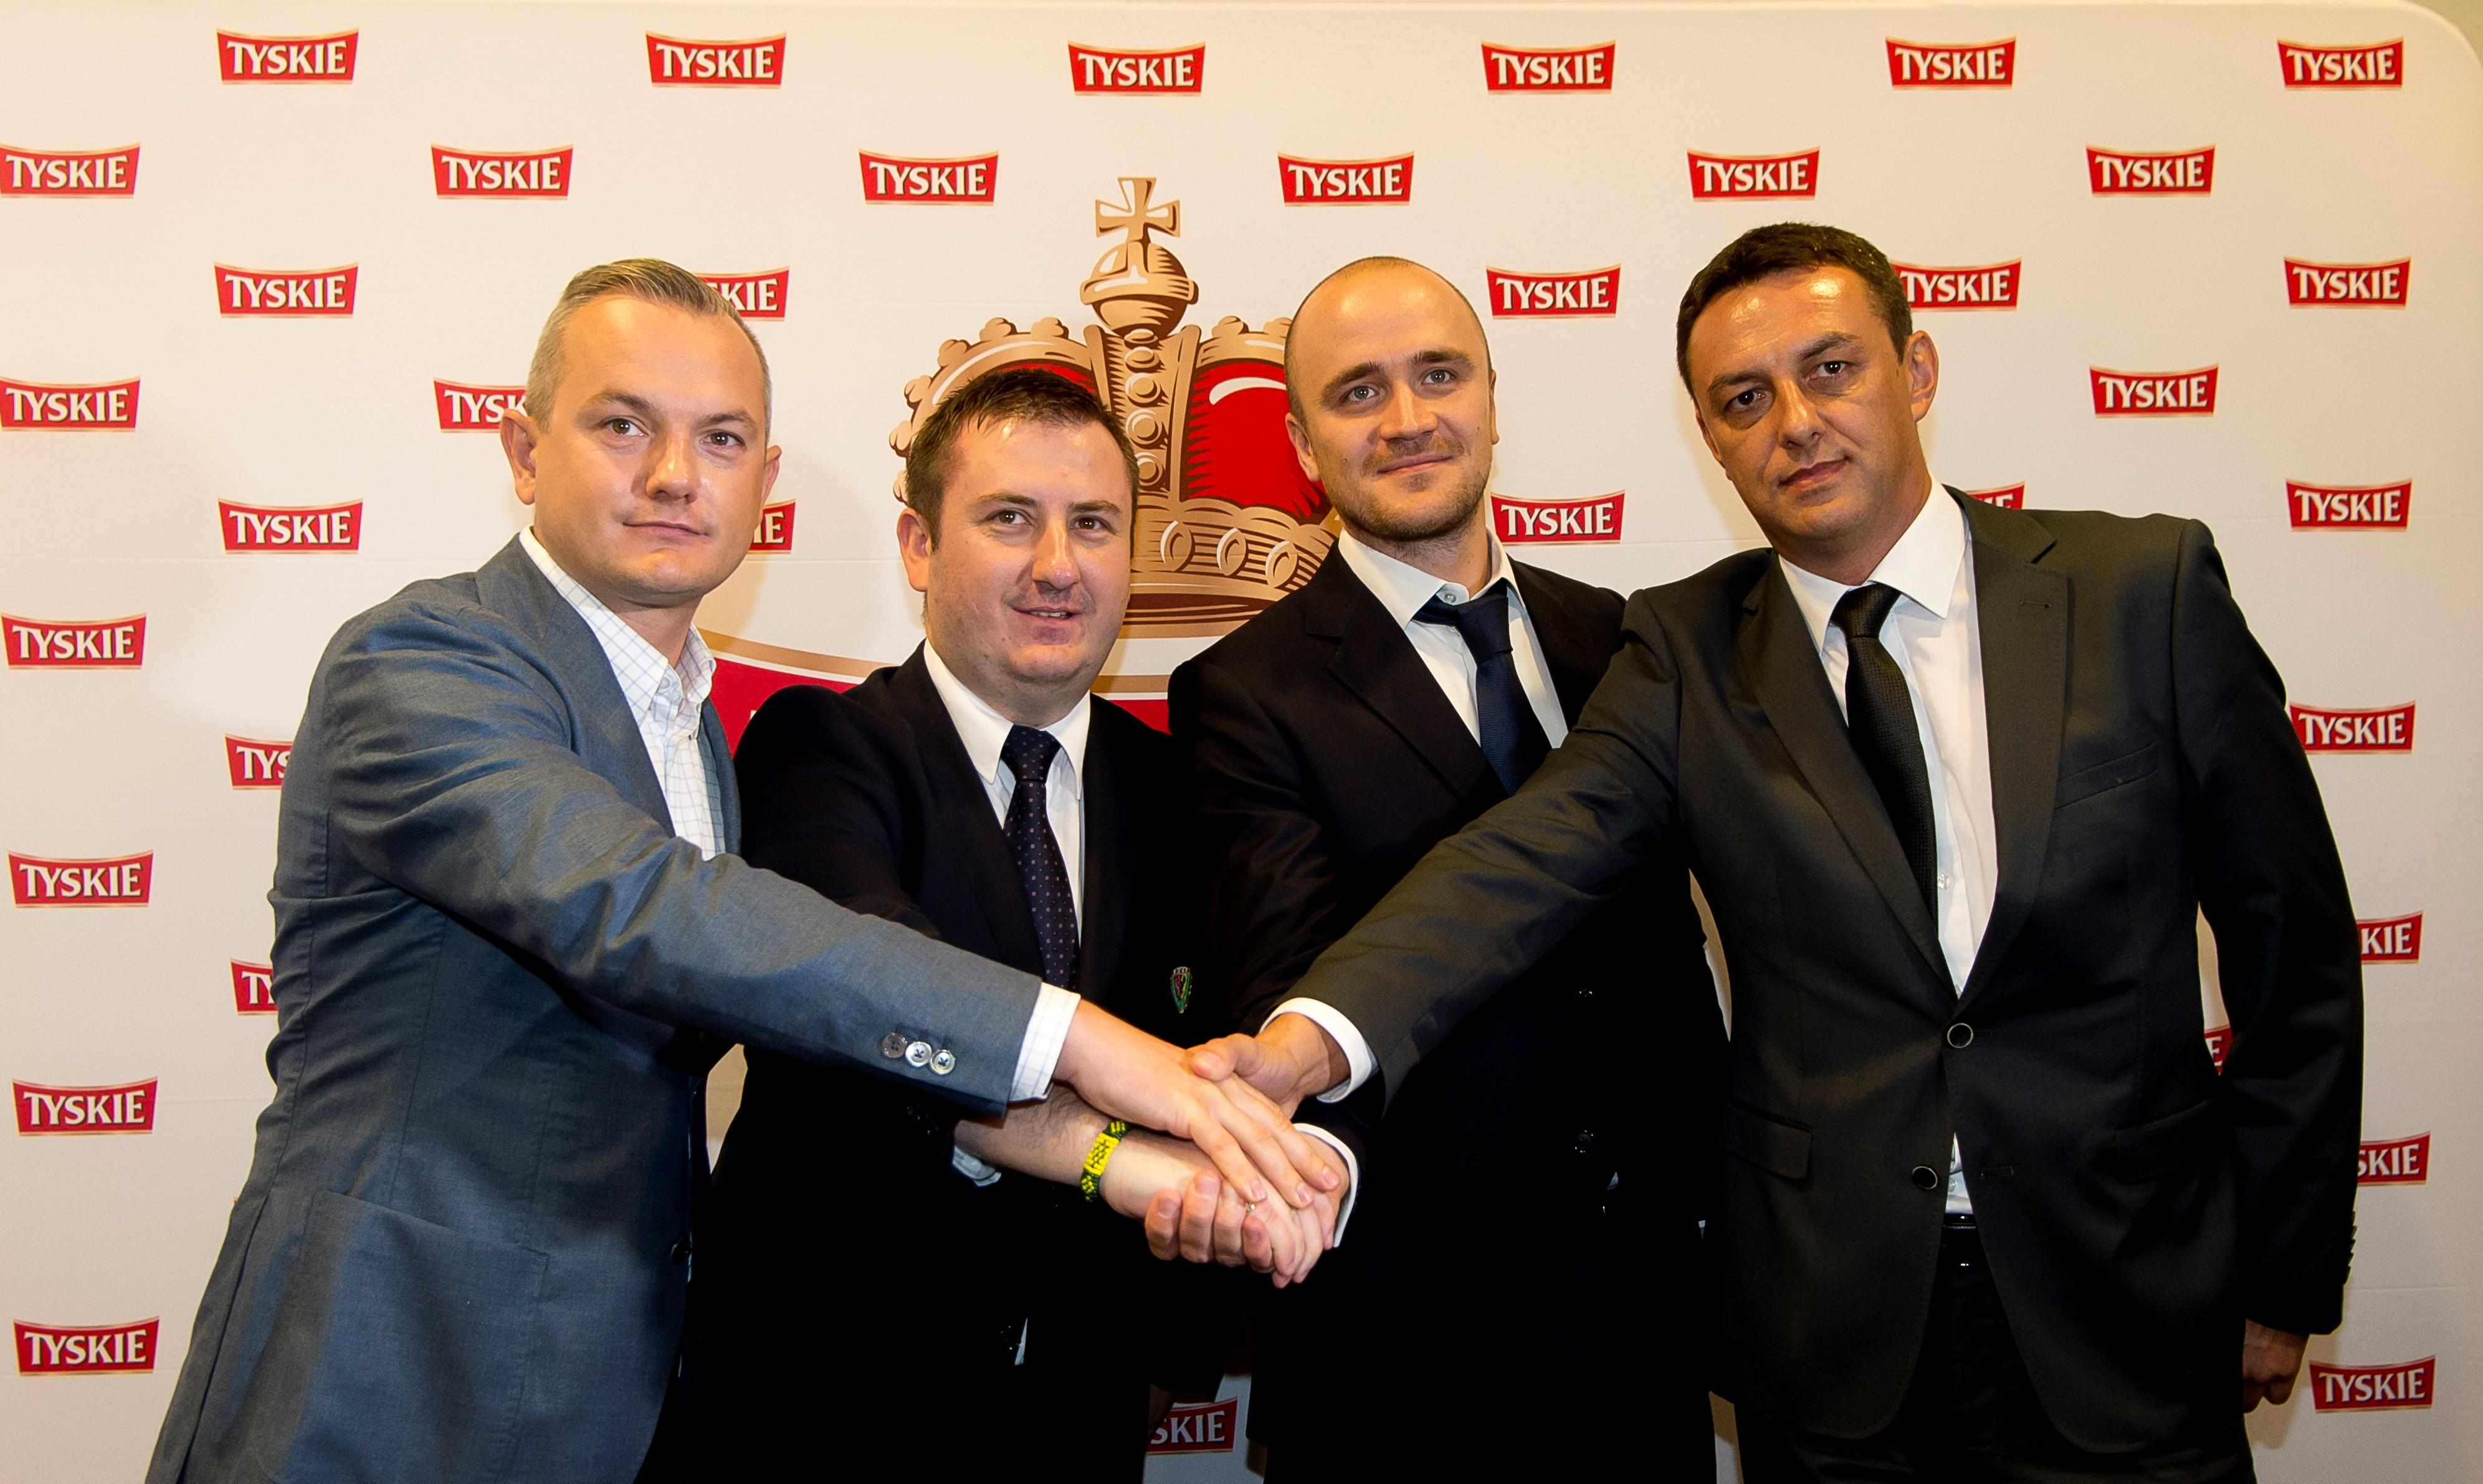 Nowym sponsorem piłkarskiego Śląska i wrocławskiego stadionu została marka Tyskie